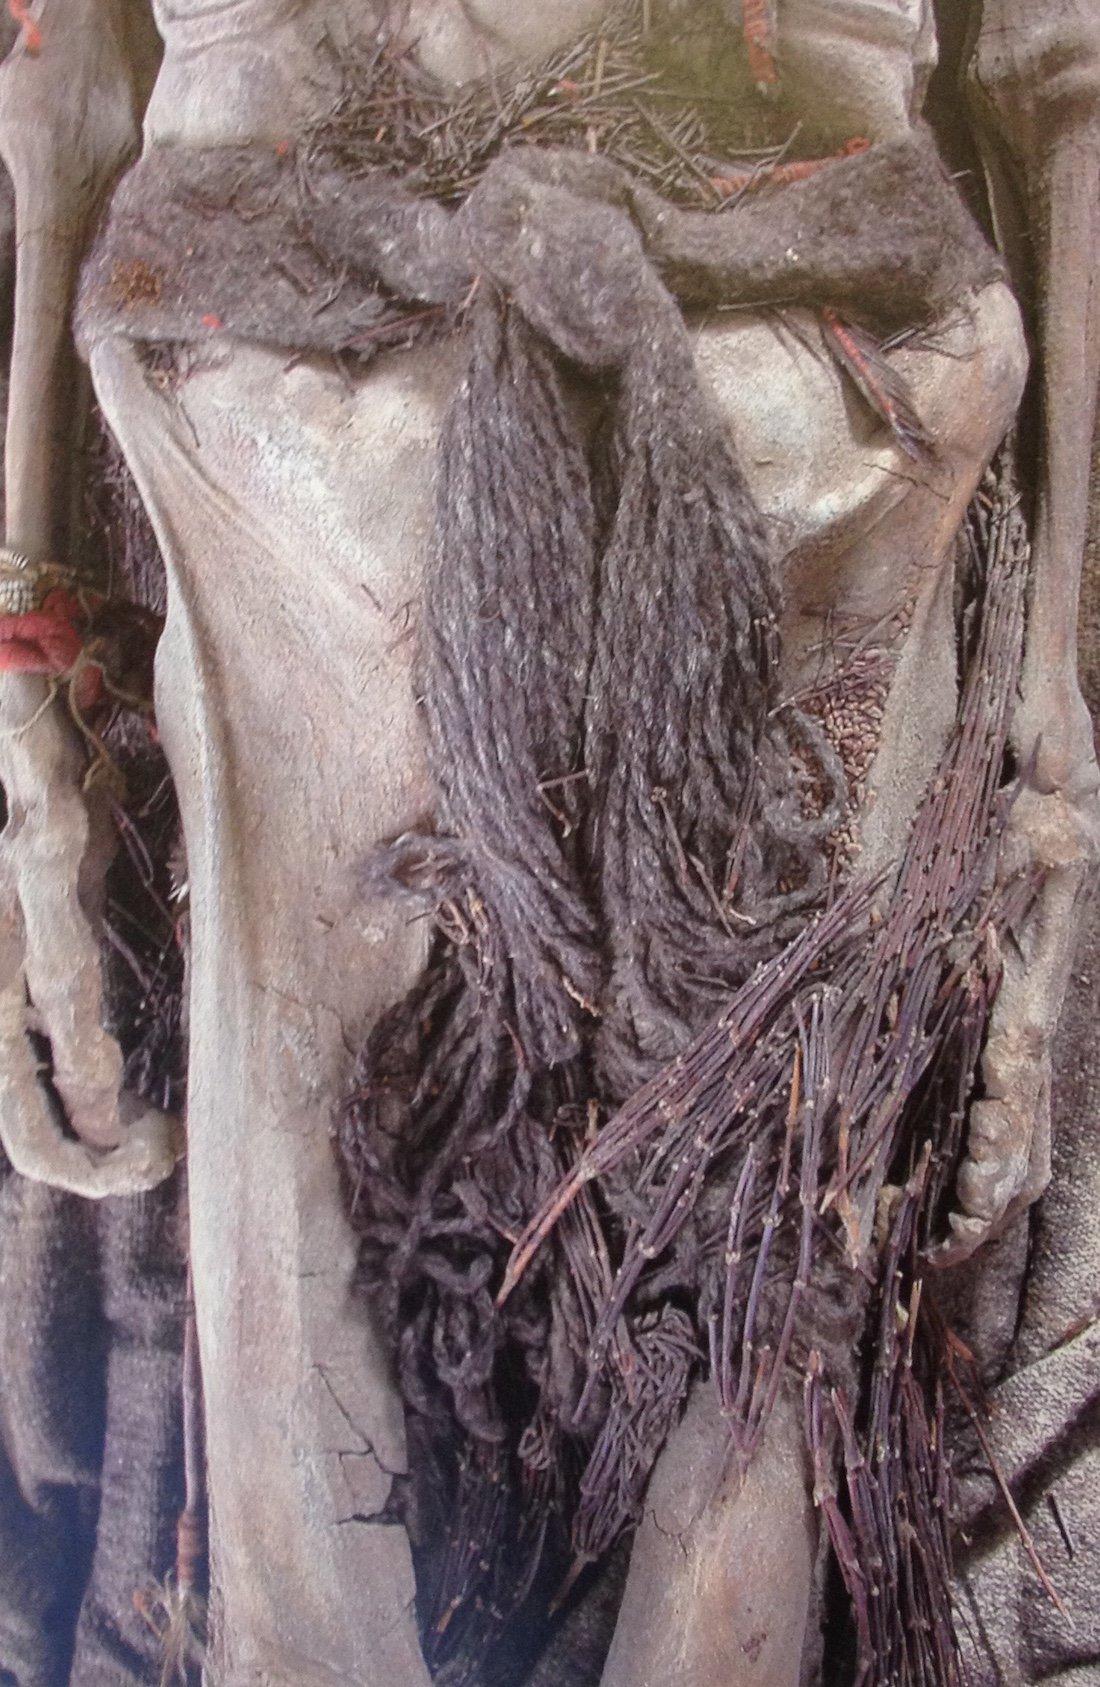 Mummia della tomba 25 del sito di Xiaohe, Tarim. 2200-1100 a.C. (da Wieczorek & Lind, 2007, fig. 34, p. 132)